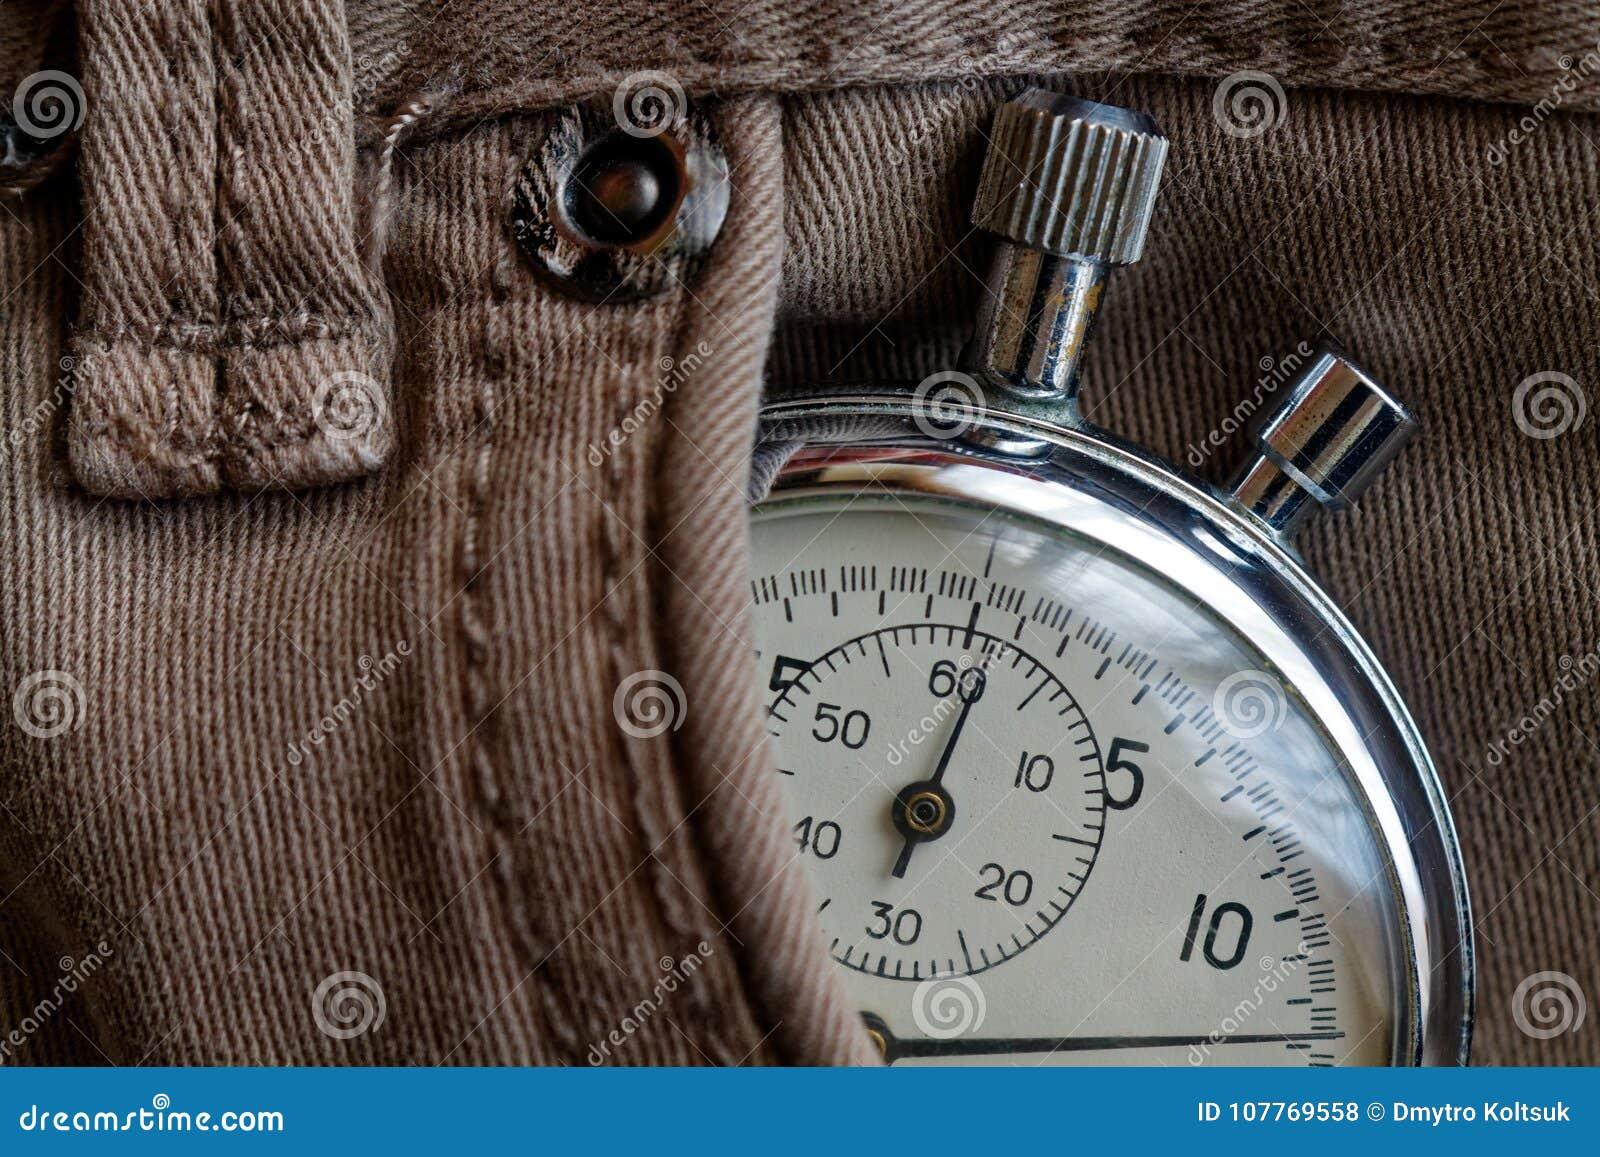 葡萄酒古董秒表,在米黄牛仔布口袋,价值措施时间,老时钟箭头分钟,第二个准确性定时器纪录